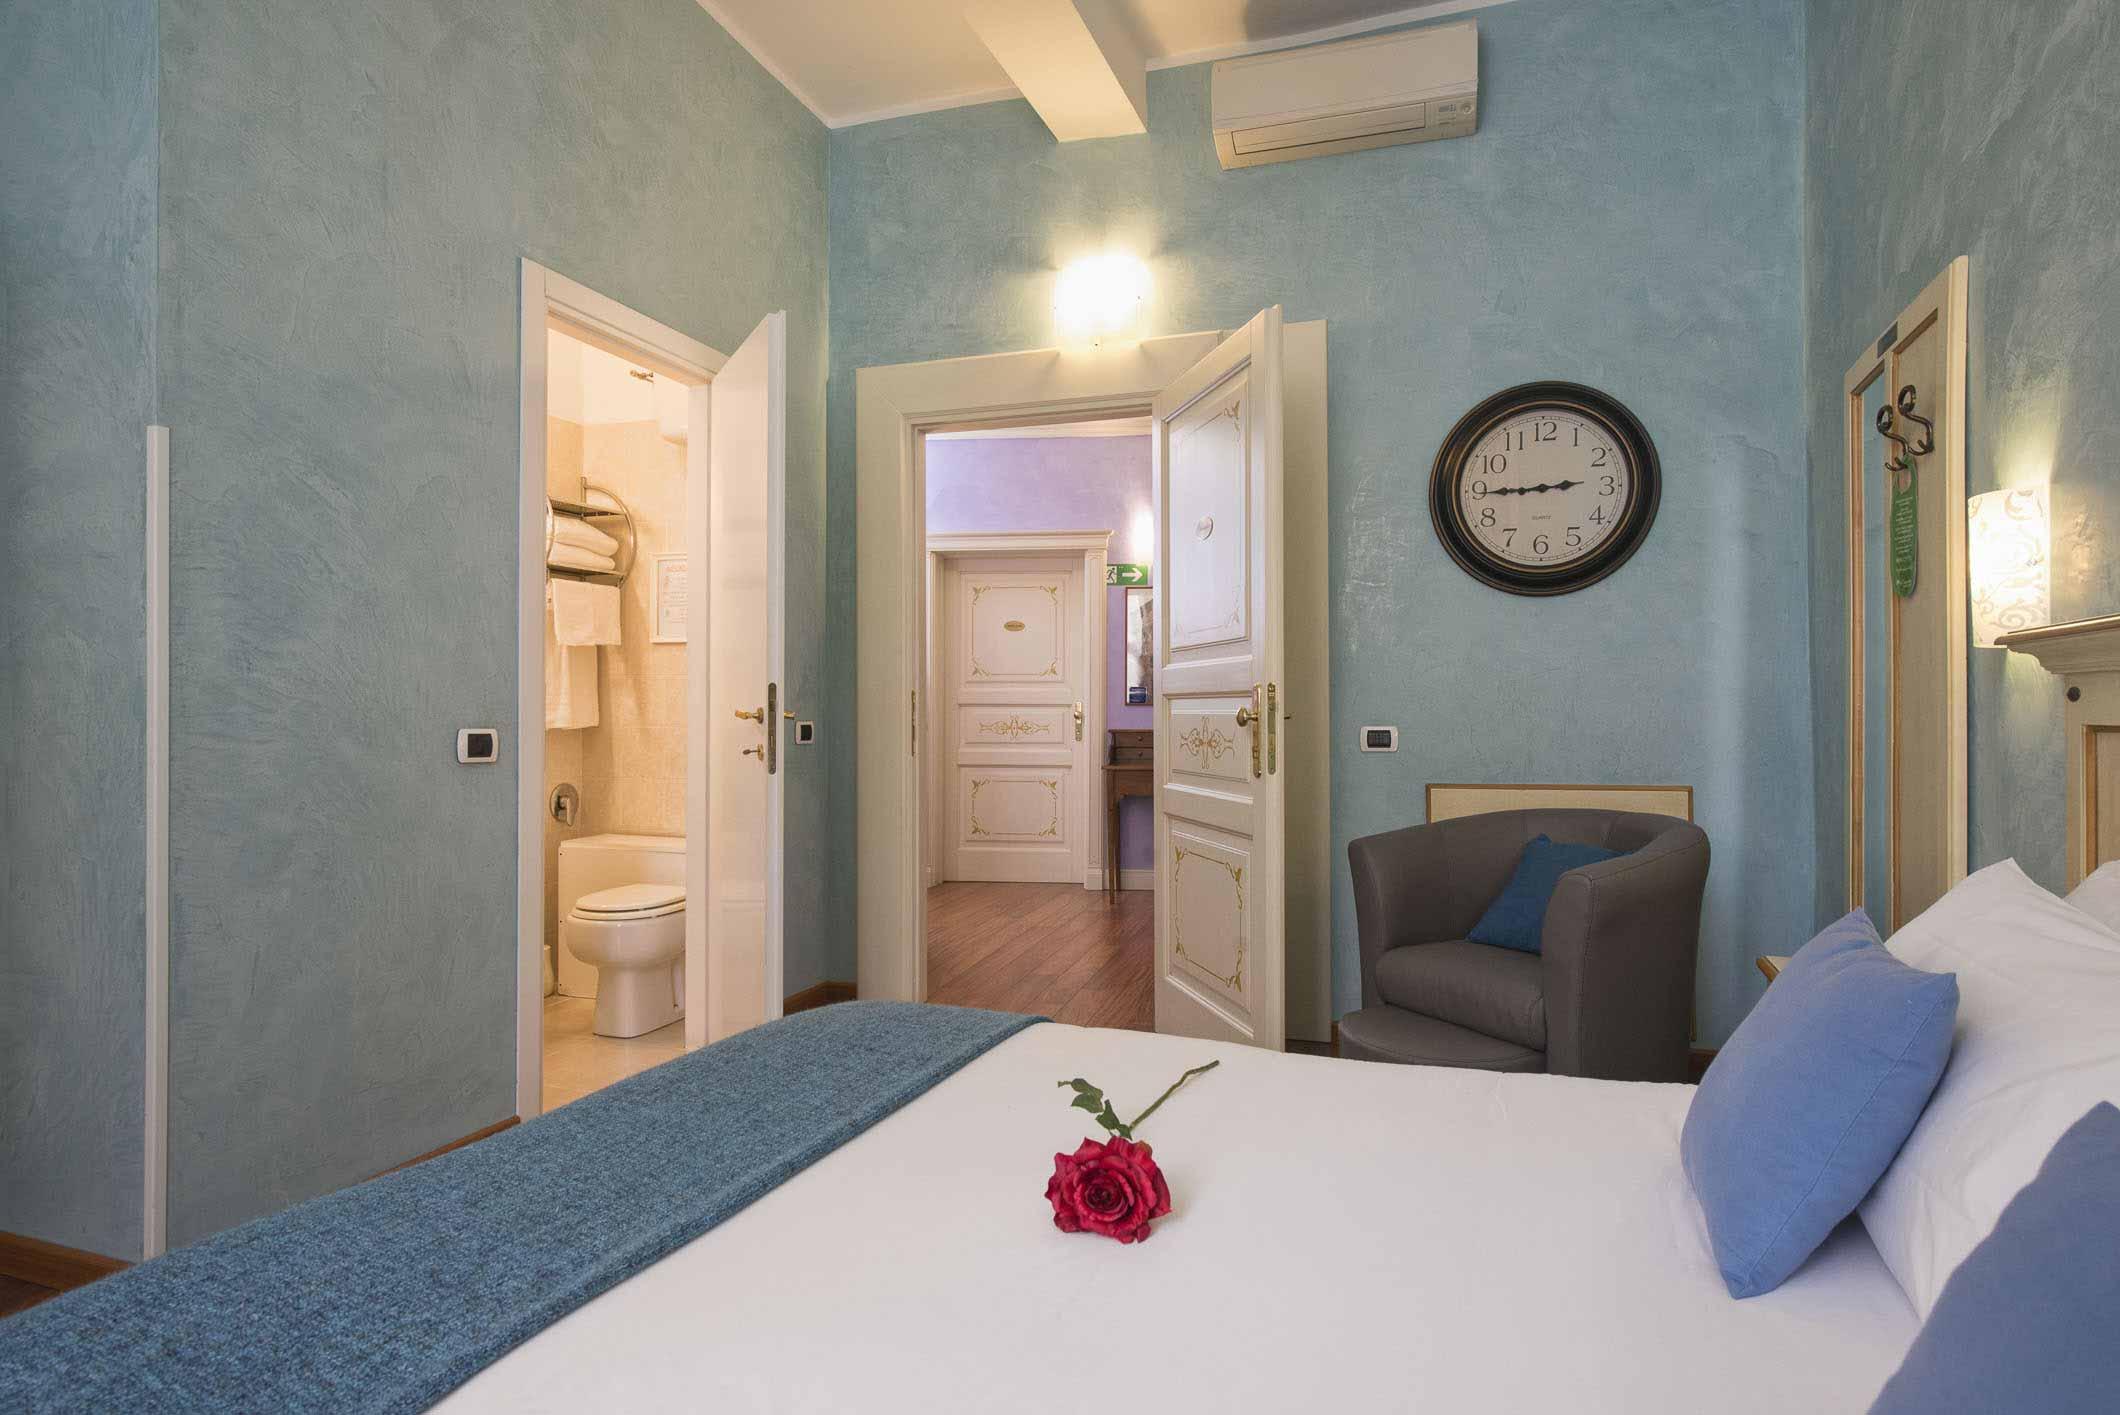 Fotografo a Roma per affittacamere – Navona Tower Relais #8